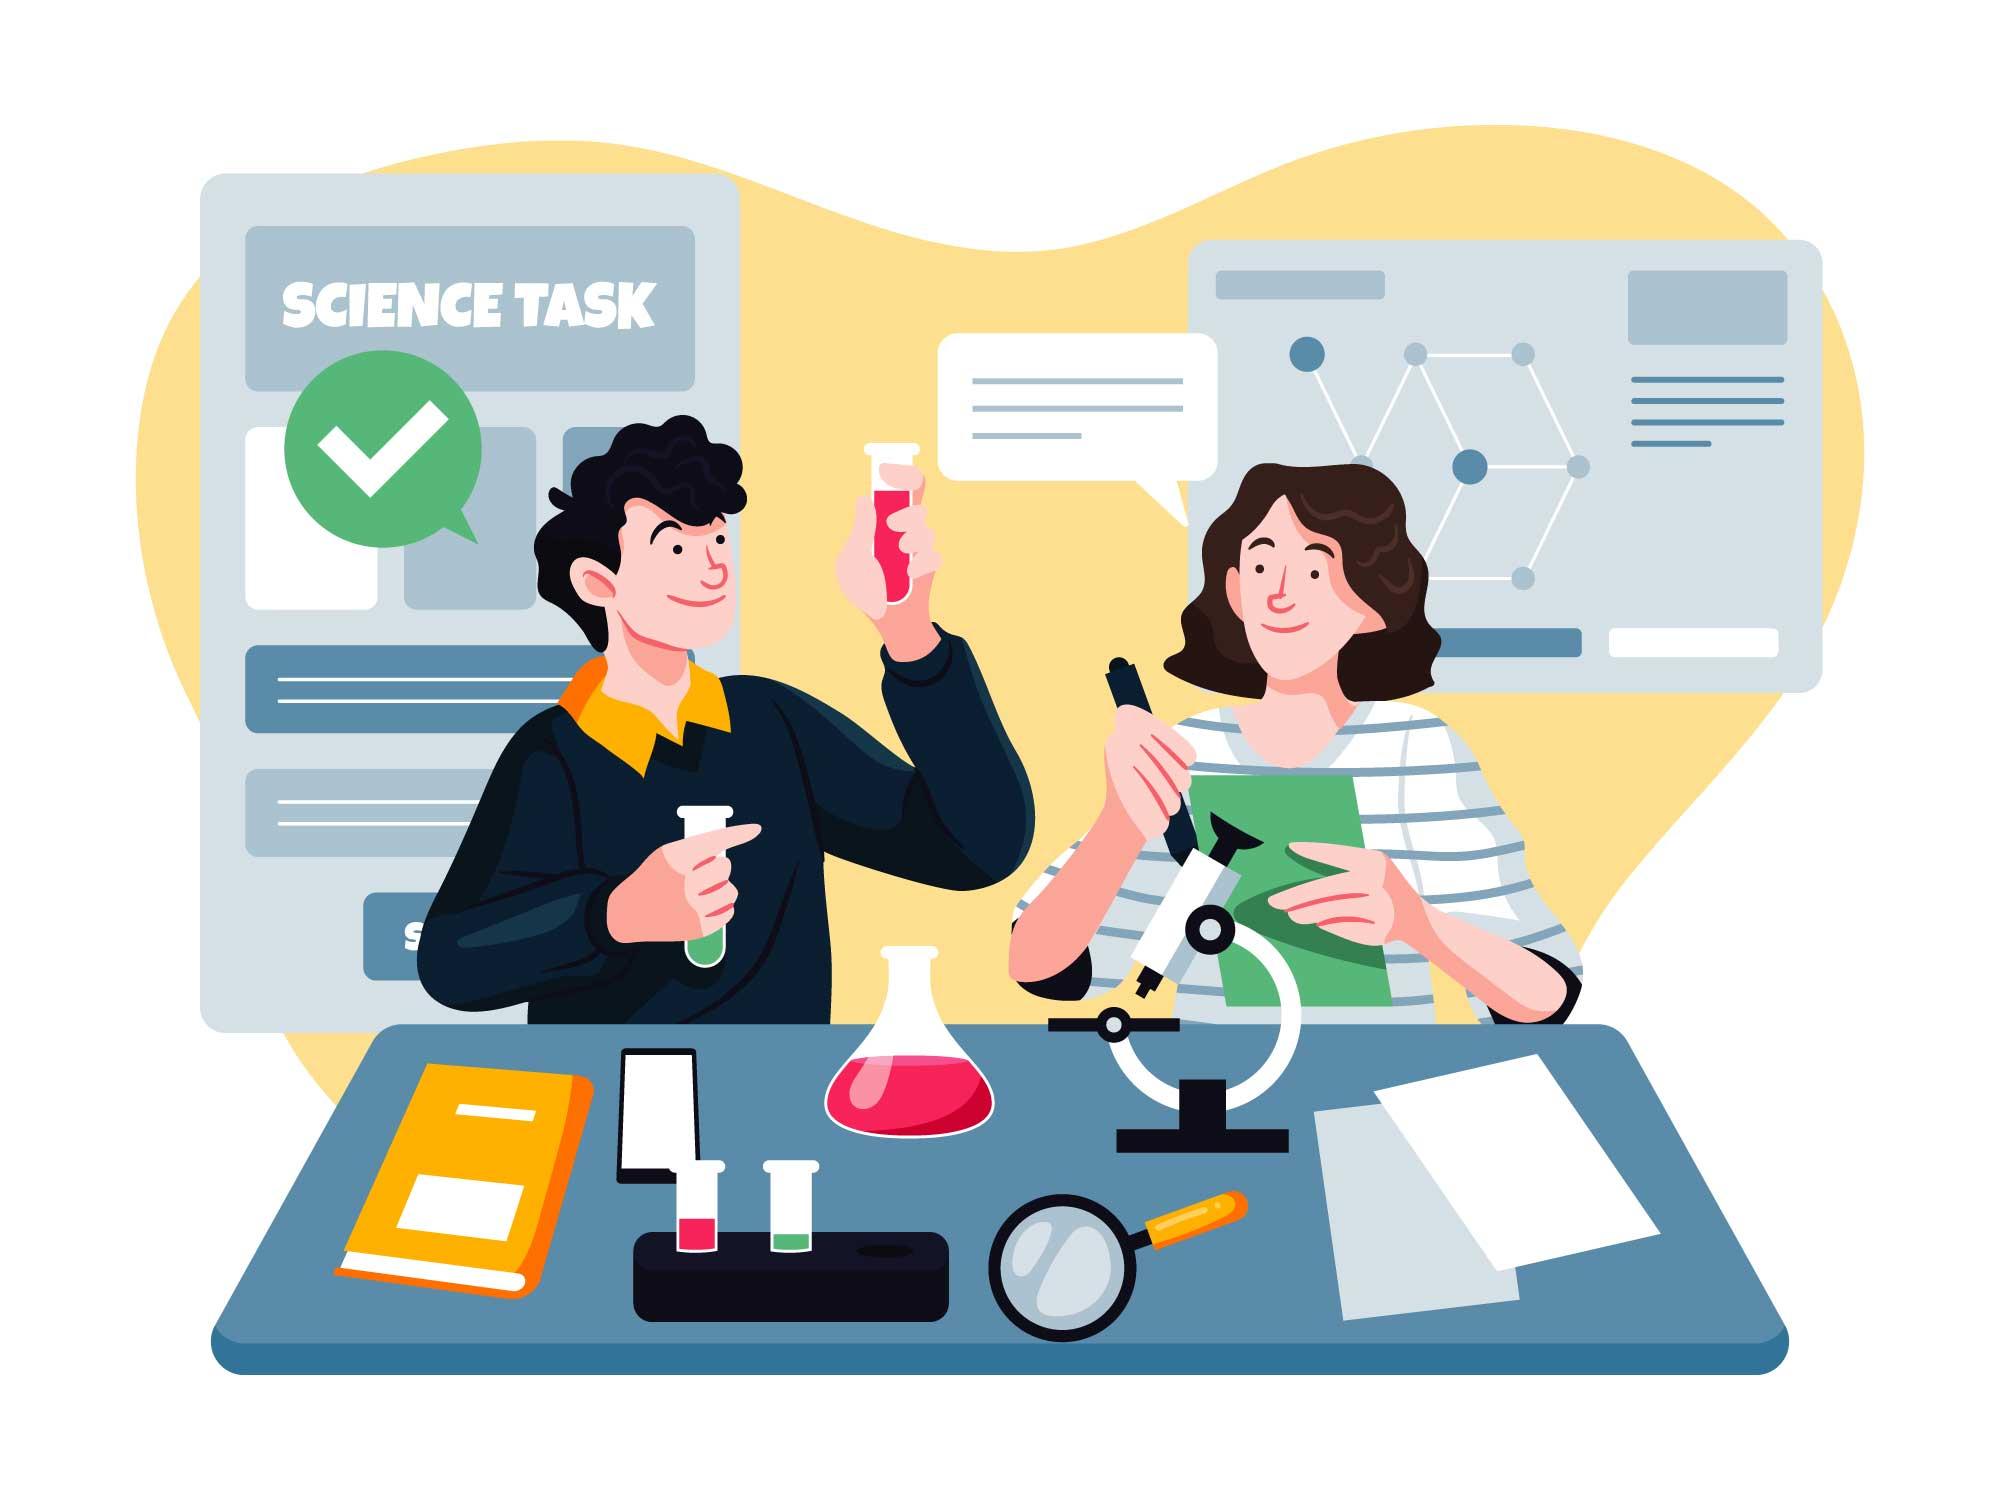 University Activities Illustration